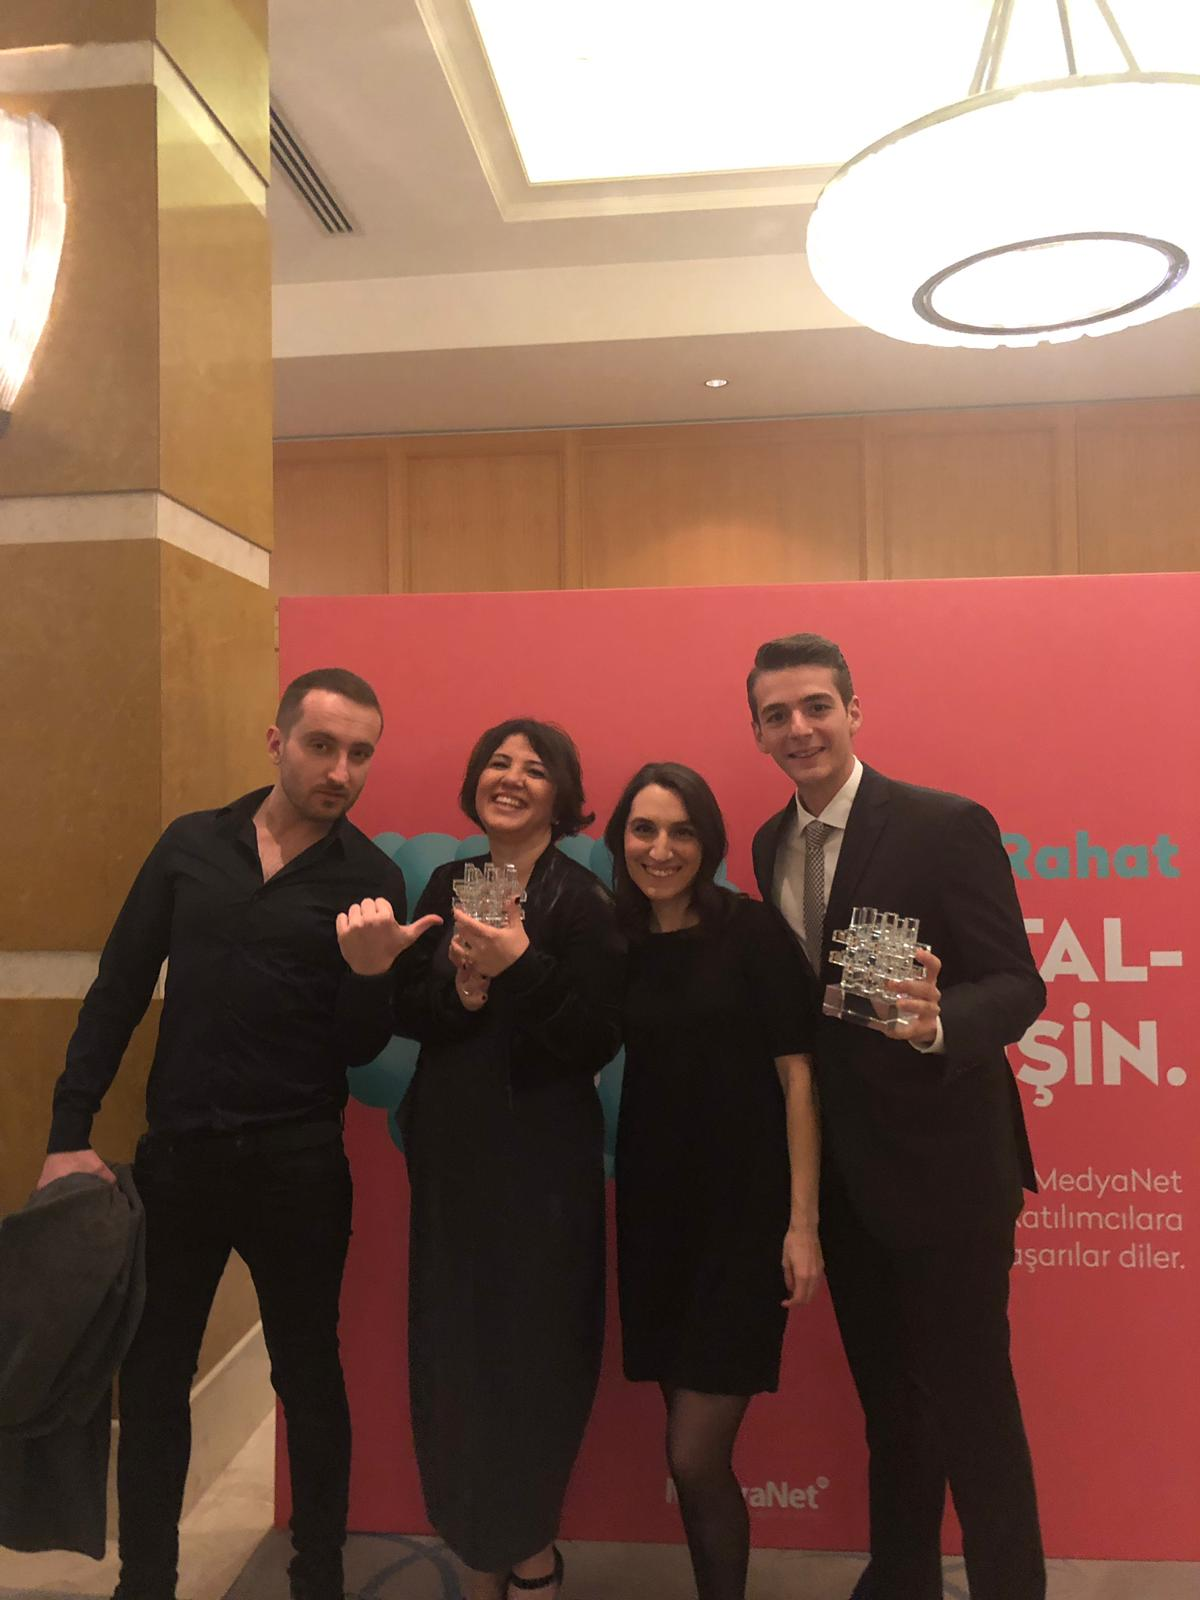 2530c08a34023 Bu yıl 9.su düzenlenen MIXX Awards Türkiye ödül töreninde Vizeum ekibi,  müşterimiz Pegasus'un dijital dönüşümü ile ilgili yaptığı lansman  kampanyası ve ...